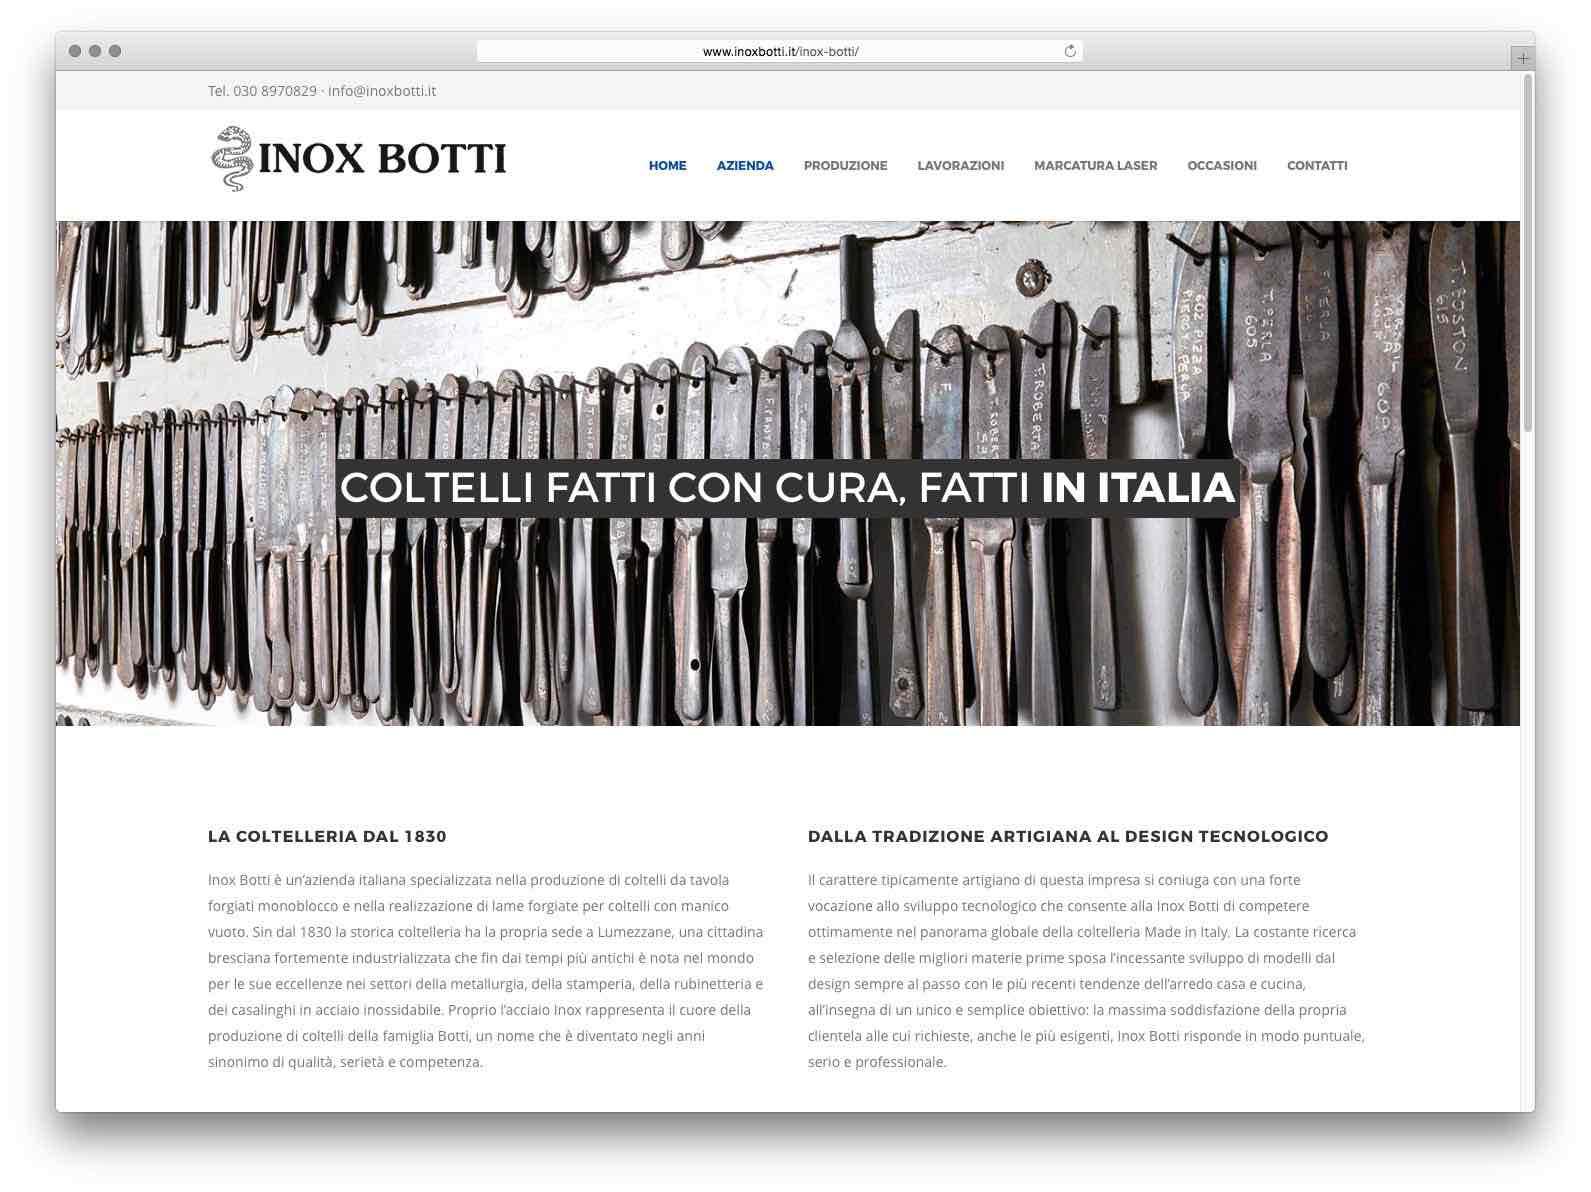 Creazione Siti Web Brescia - Sito Web Inox Botti